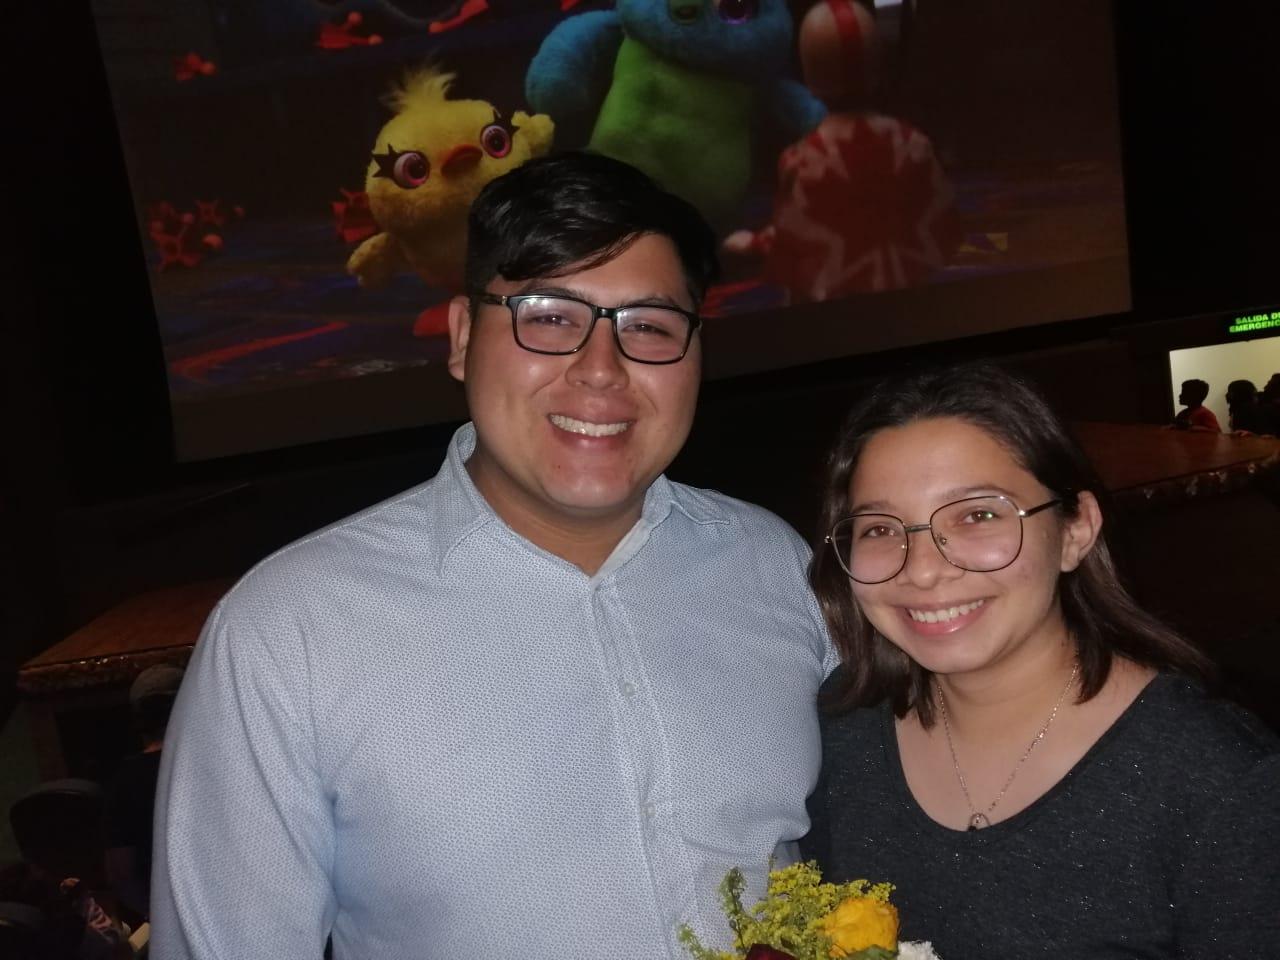 Le pide matrimonio a su novia en función de Toy Story 4